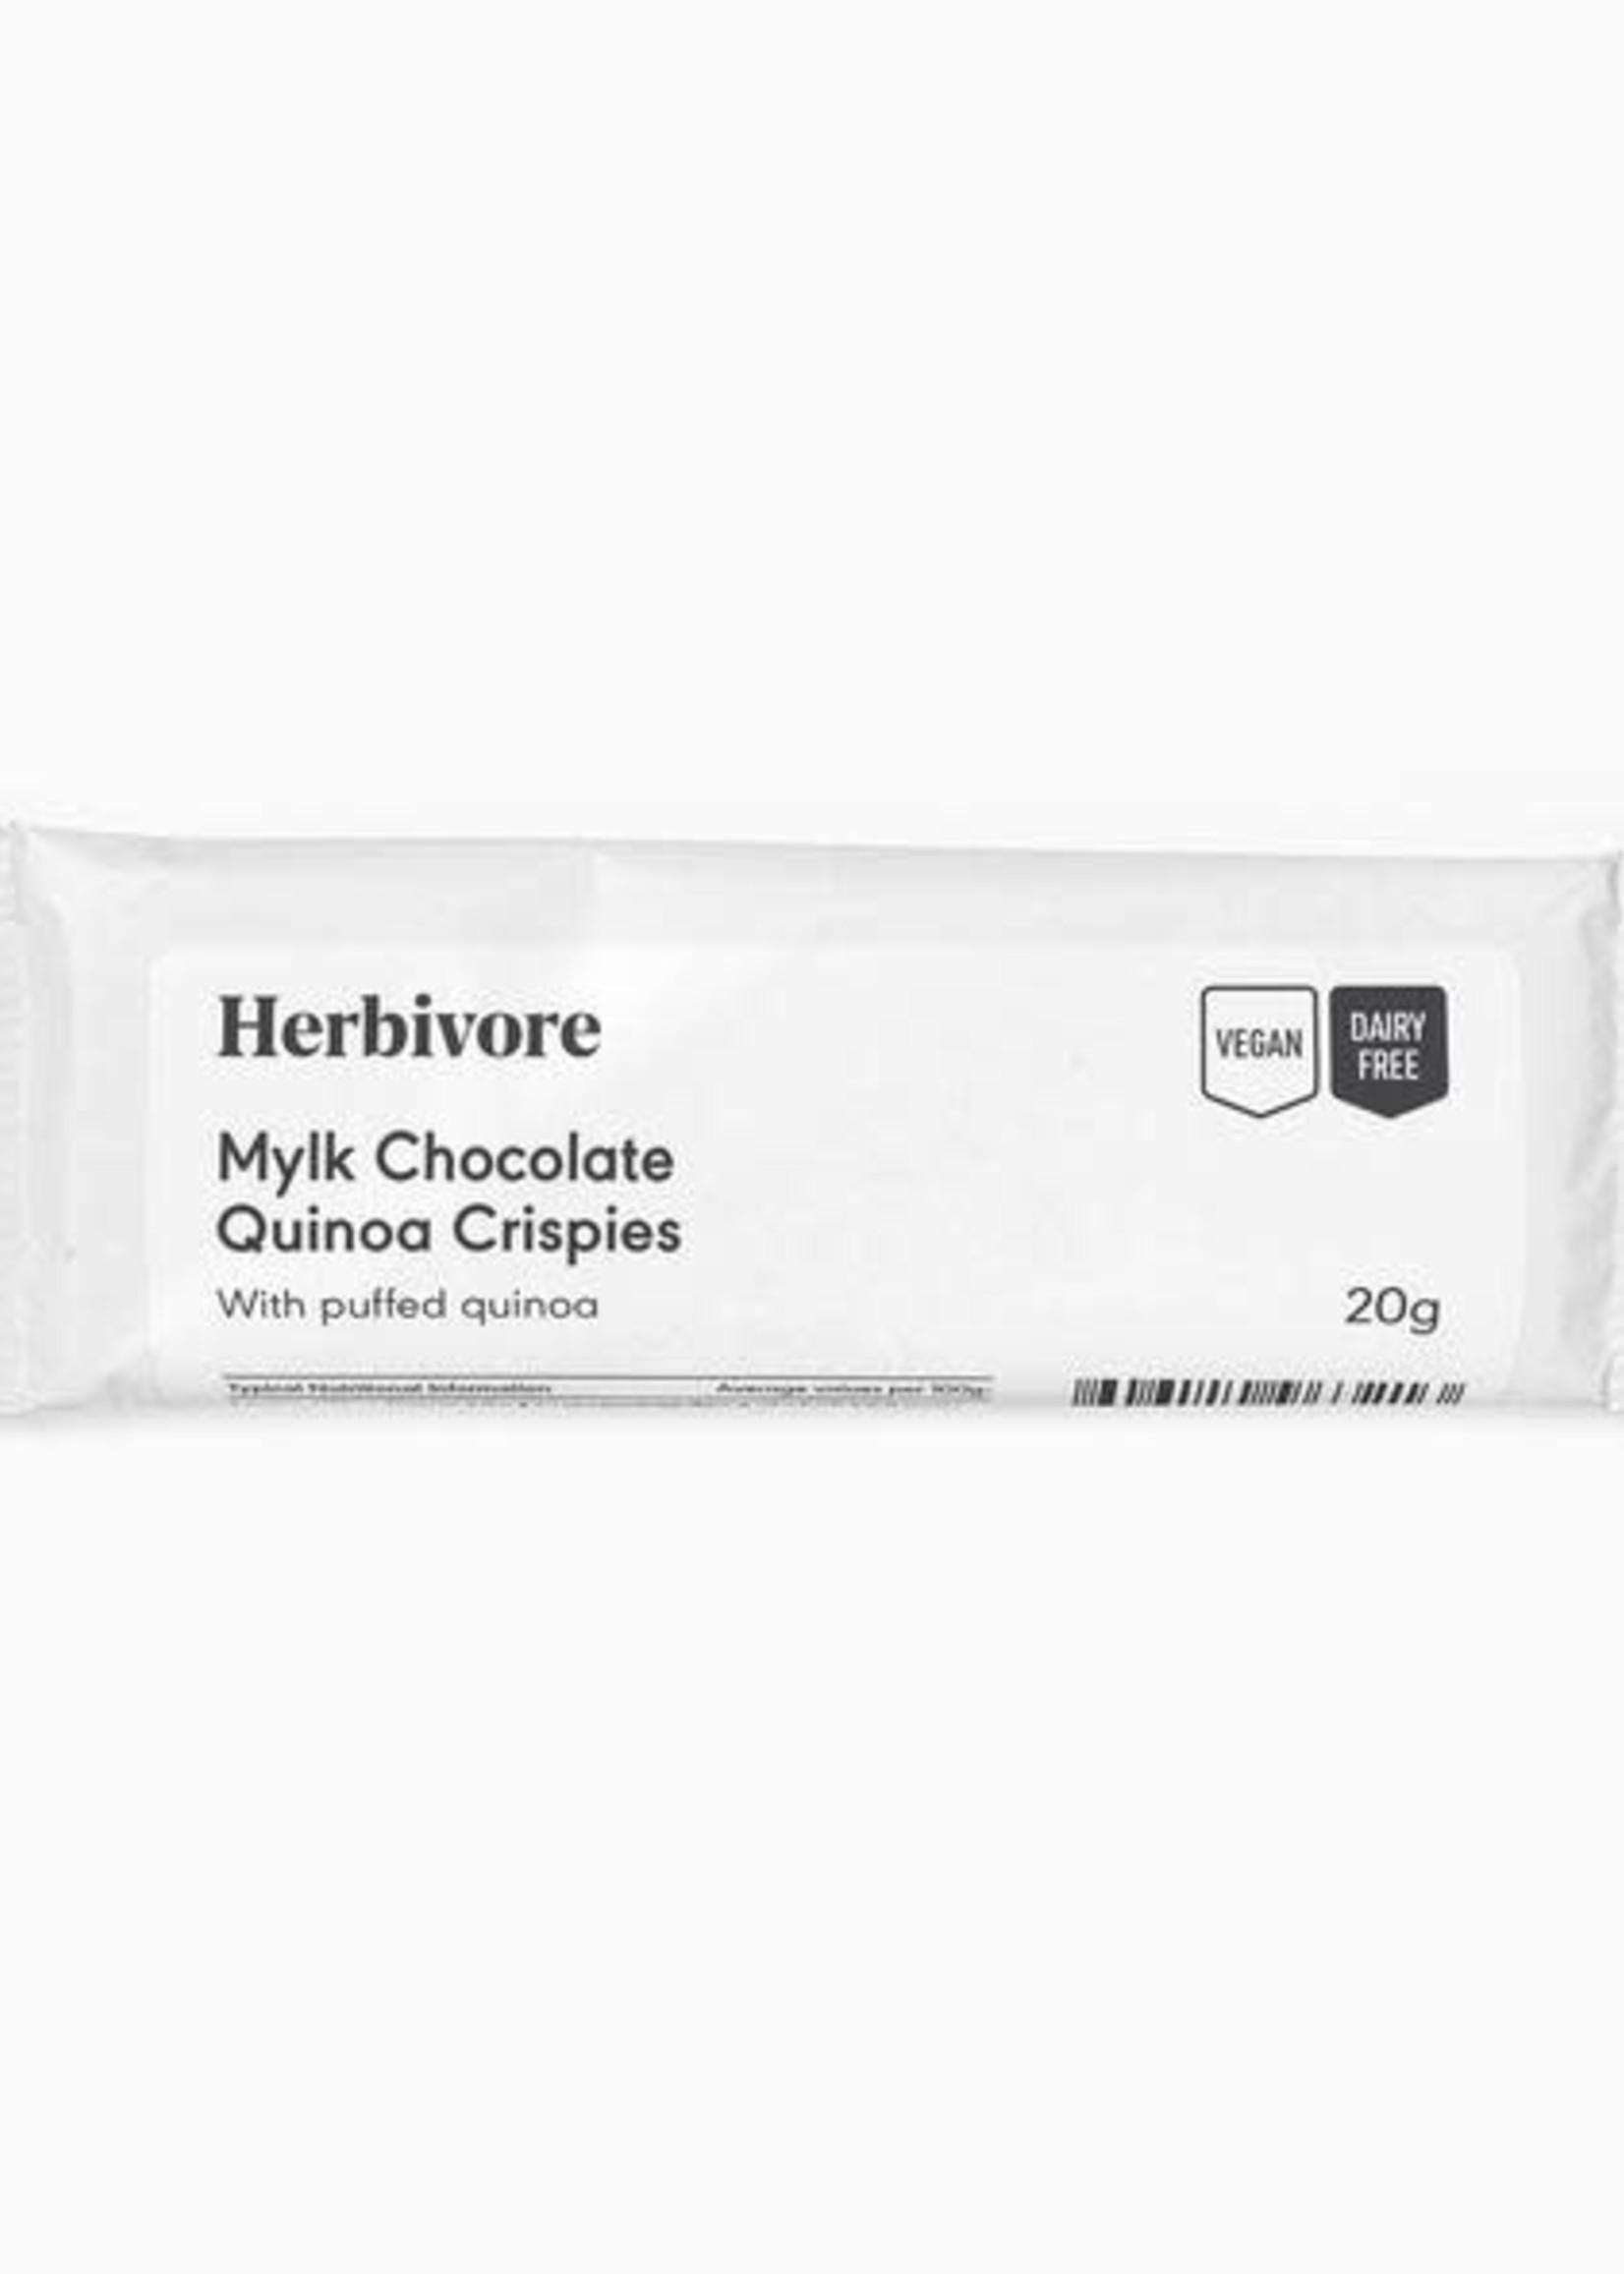 Herbivore - Mylk Chocolate quinoa crispies